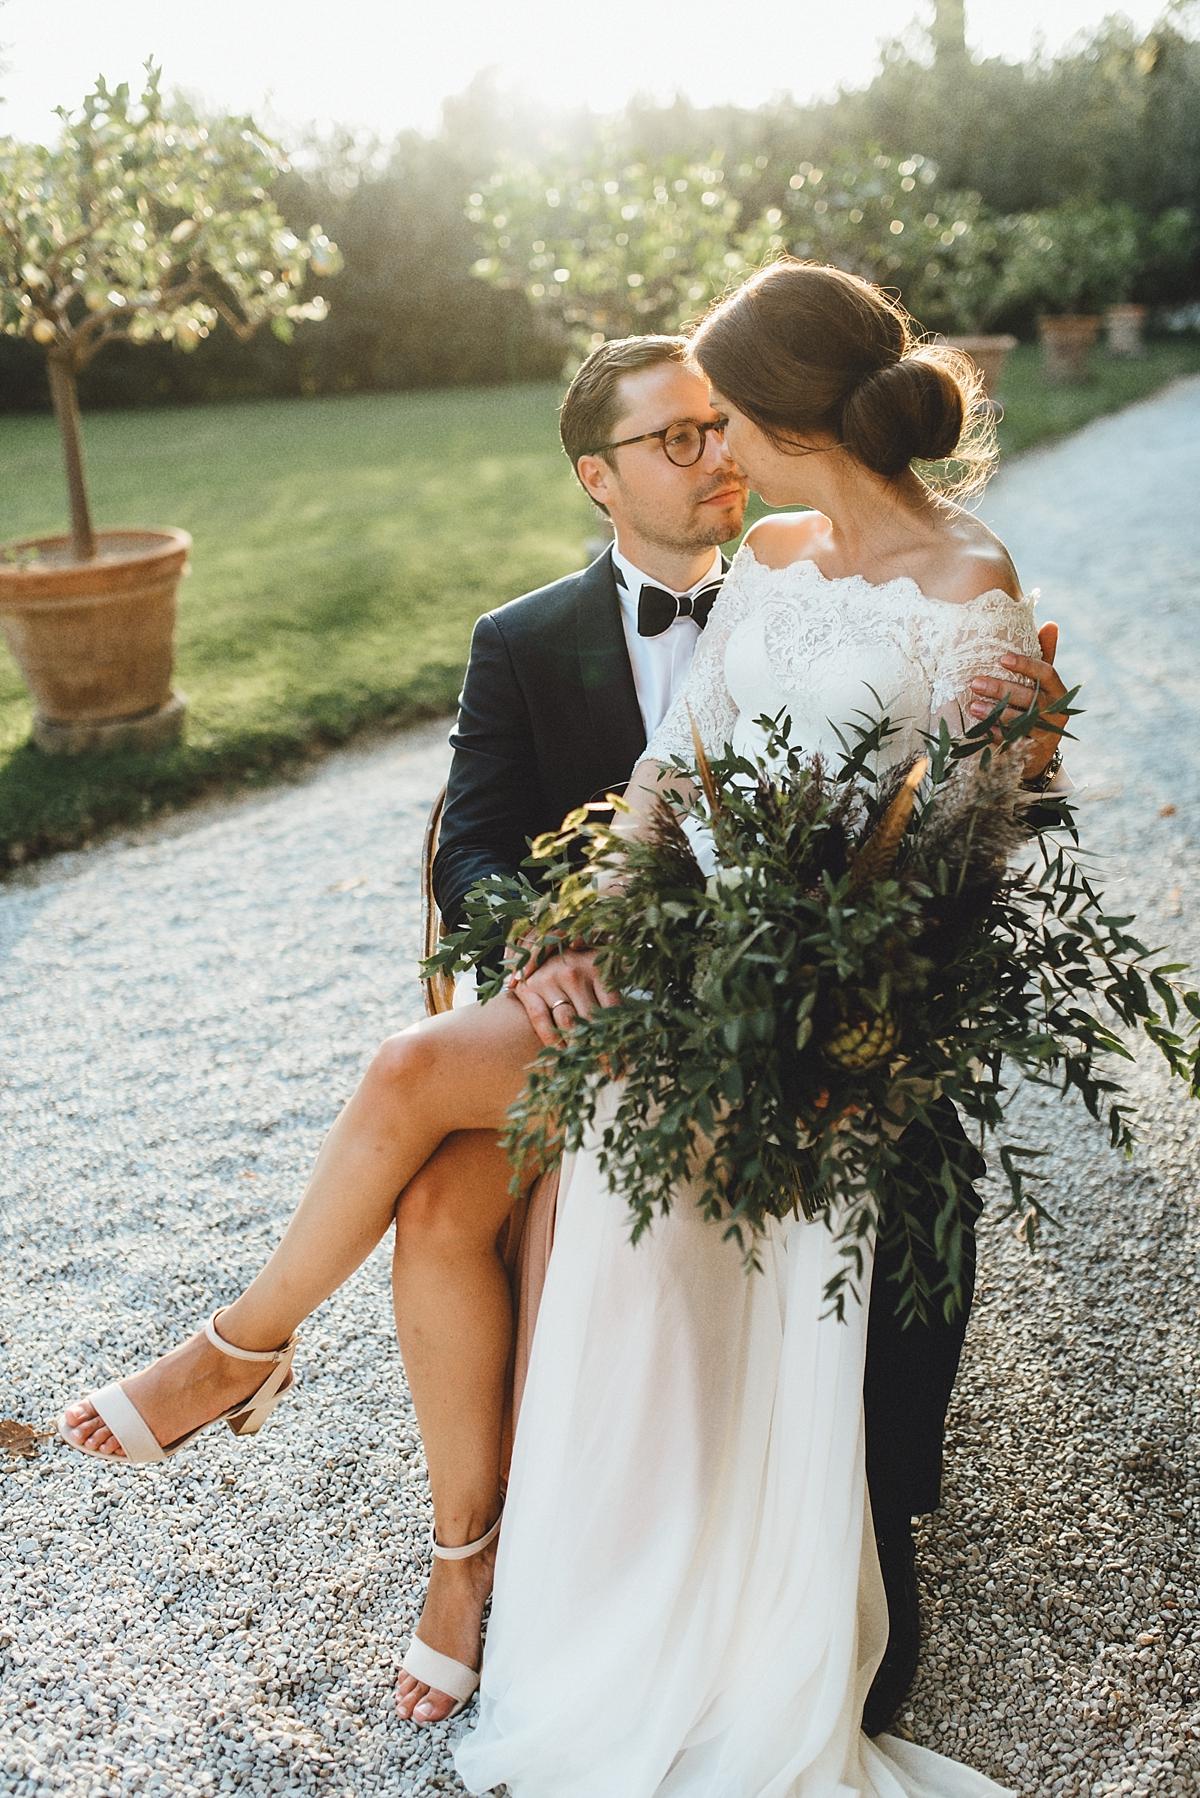 hochzeitsfotograf toskana Kristina & Daniel Mediterrane Toskana Hochzeithochzeitsfotograf toskana italien 2182